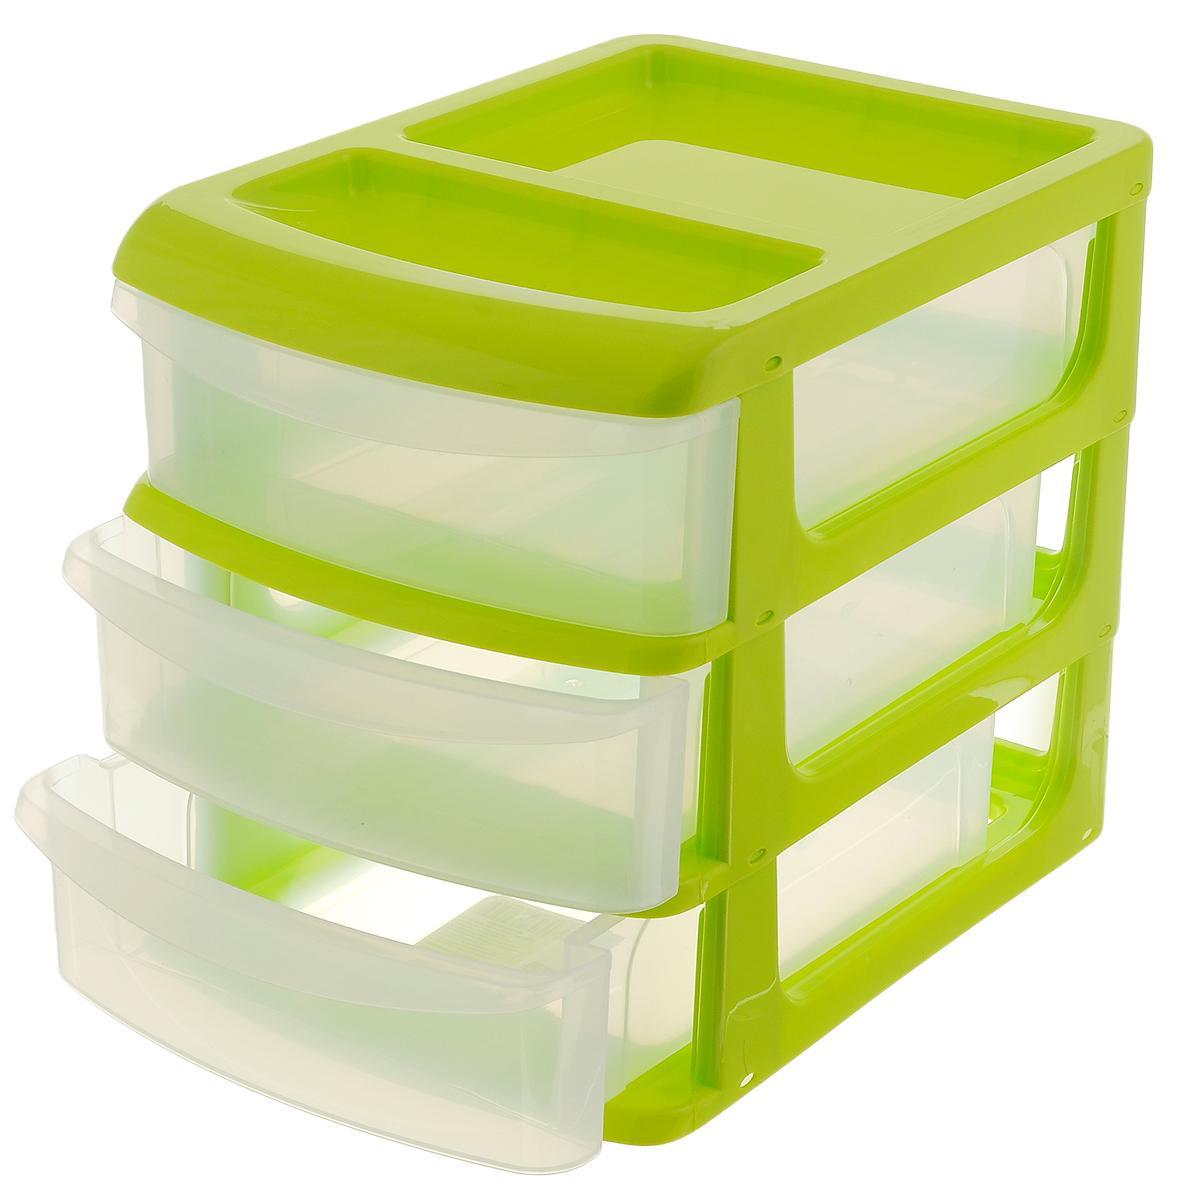 Бокс универсальный Idea, 3 секции, цвет: салатовый, прозрачный, 24,5 х 17,5 х 20 смМ 2765_салатовыйУниверсальный бокс Idea выполнен из высококачественного пластика и имеет три удобные выдвижные секции. Бокс предназначен для хранения предметов шитья, рукоделия, хобби и всех необходимых мелочей. Изделие позволит компактно хранить вещи, поддерживая порядок и уют в вашем доме.Размер бокса: 24,5 см х 17,5 см х 20 см. Размер секции: 21,5 см х 15 см х 5 см.